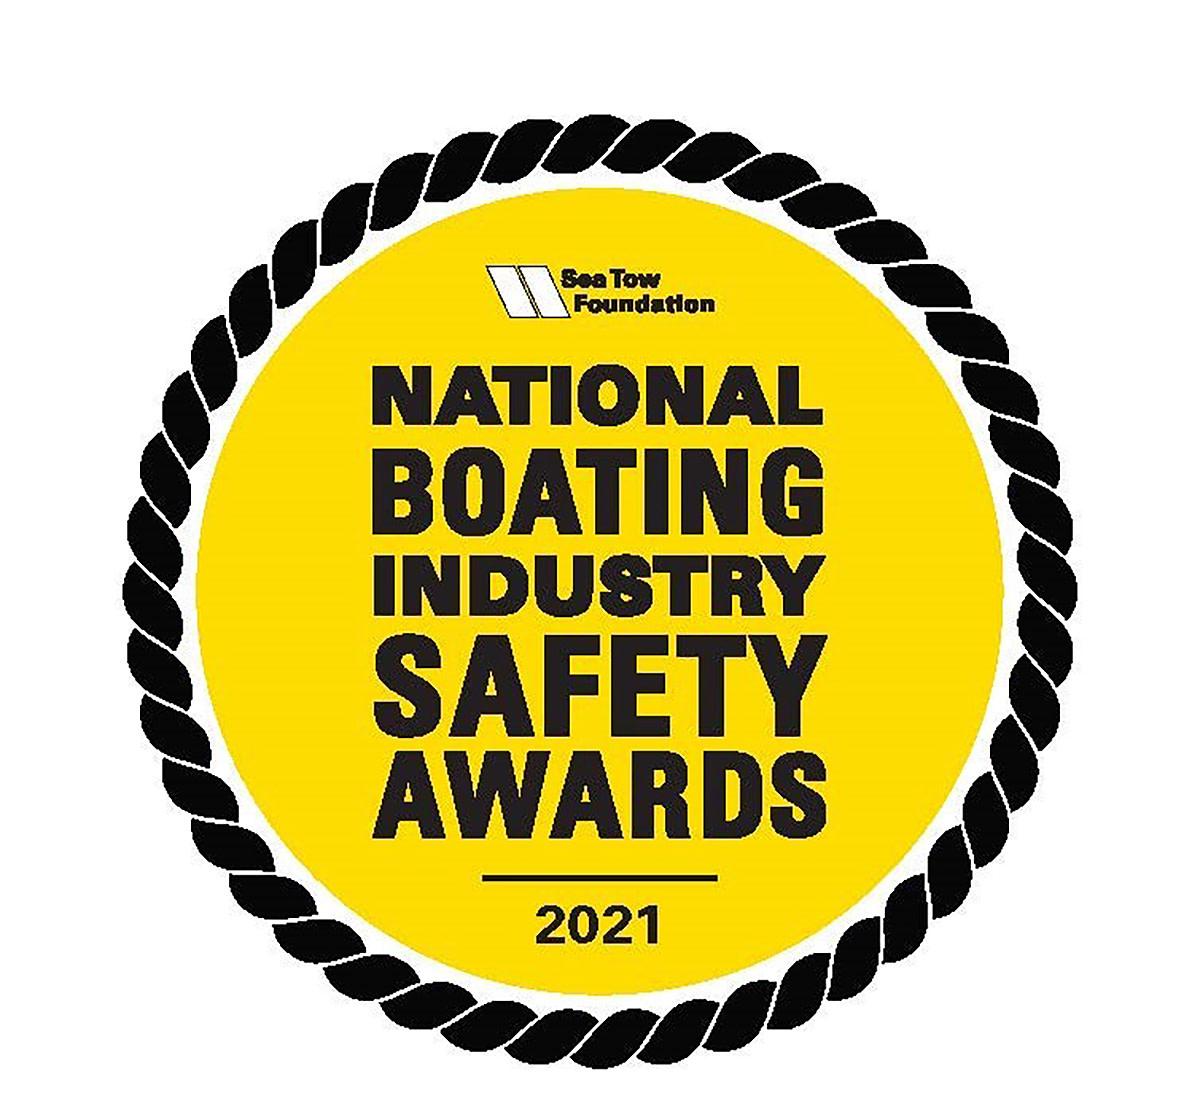 1_Sea Tow Foundation_logo_advisory_awards-2021